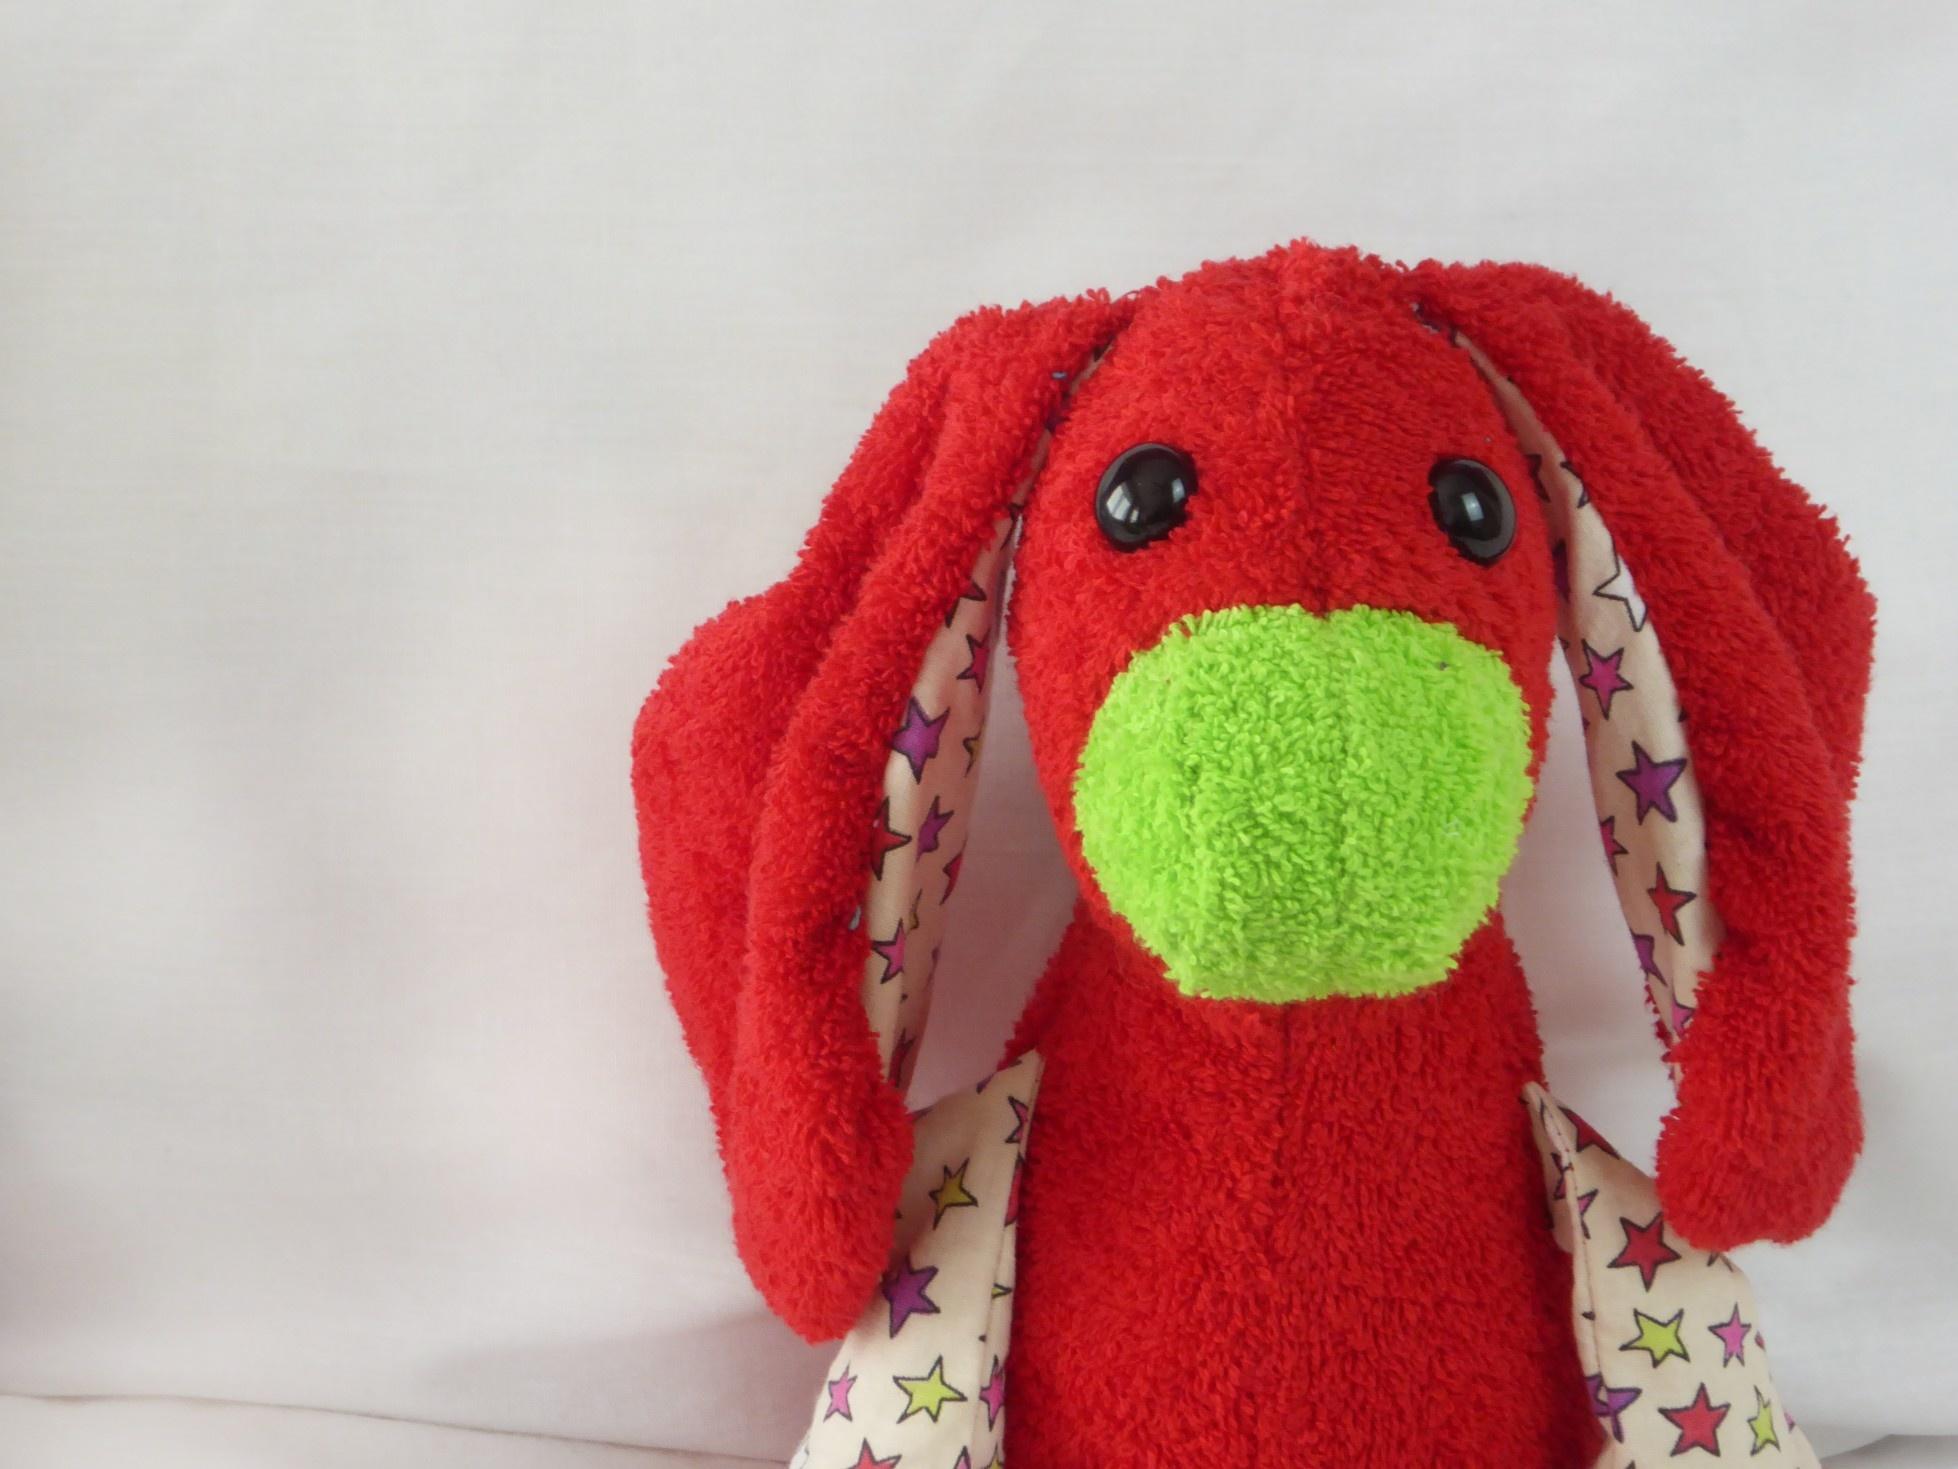 Tutter Roez-je, de kleine rode  Kroelio met grote oren